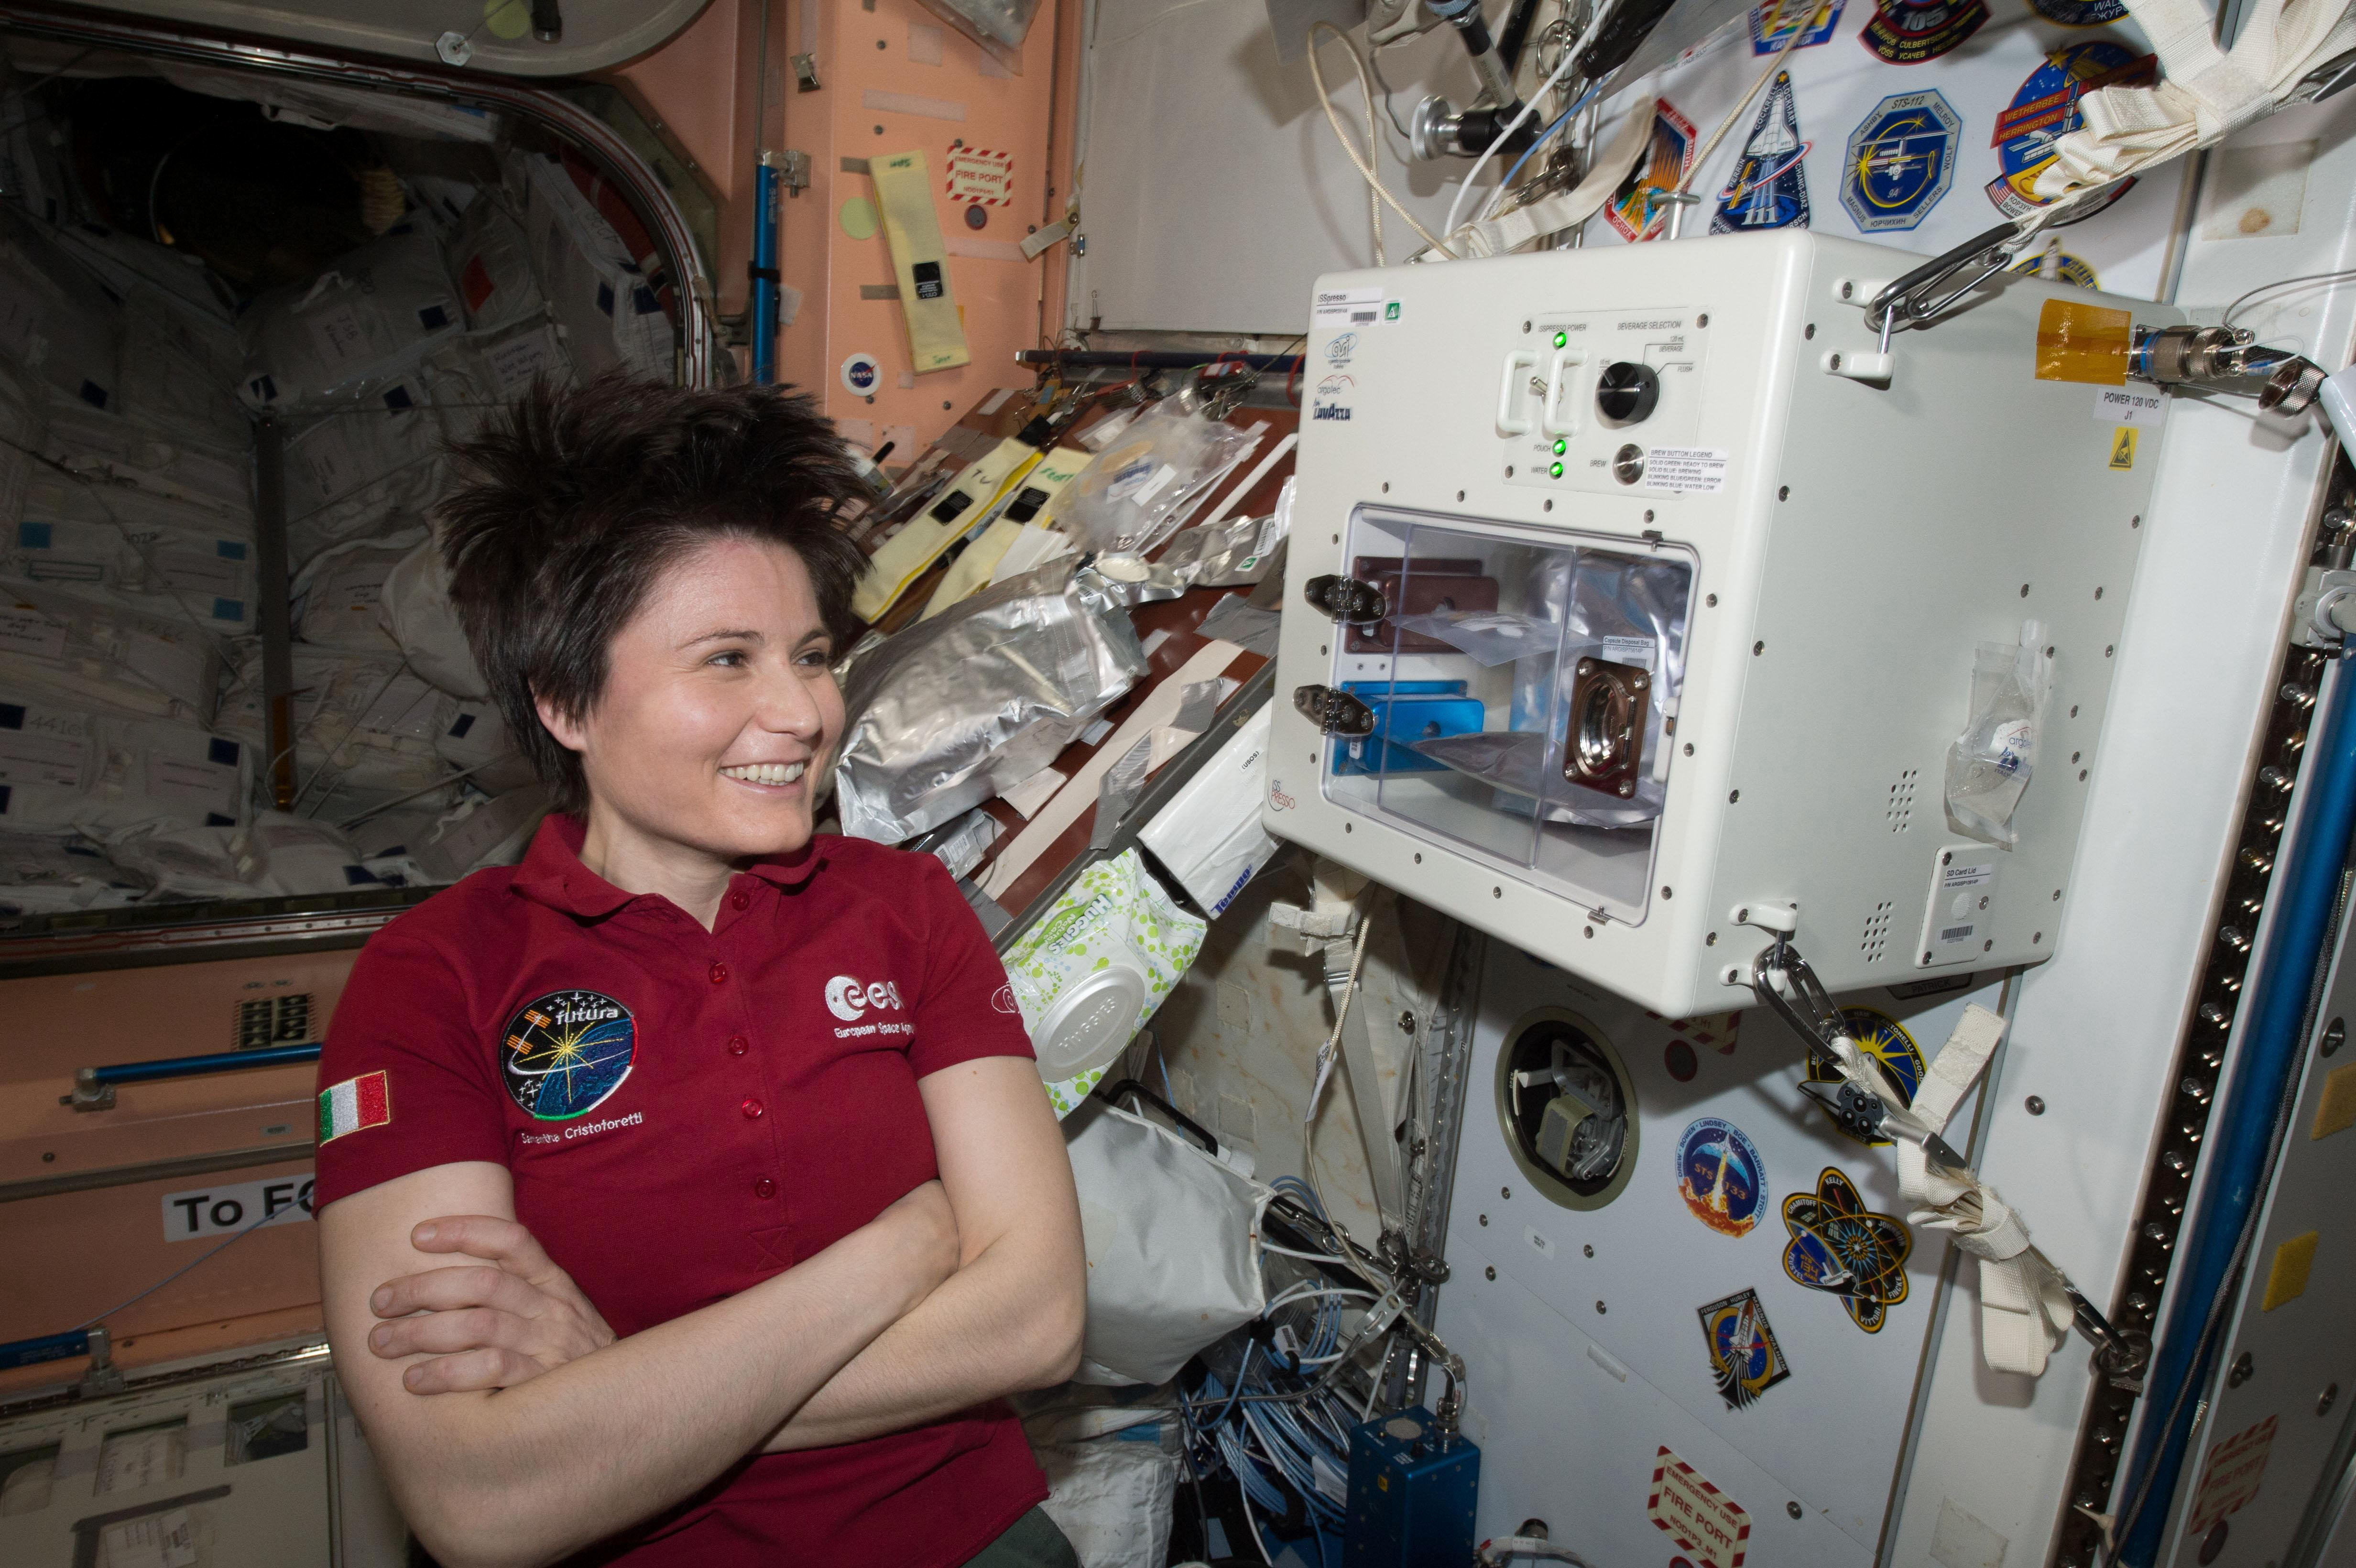 Похоже, итальянка Саманта Кристофоретти довольна работой космической кофеварки. || Фото: NASA